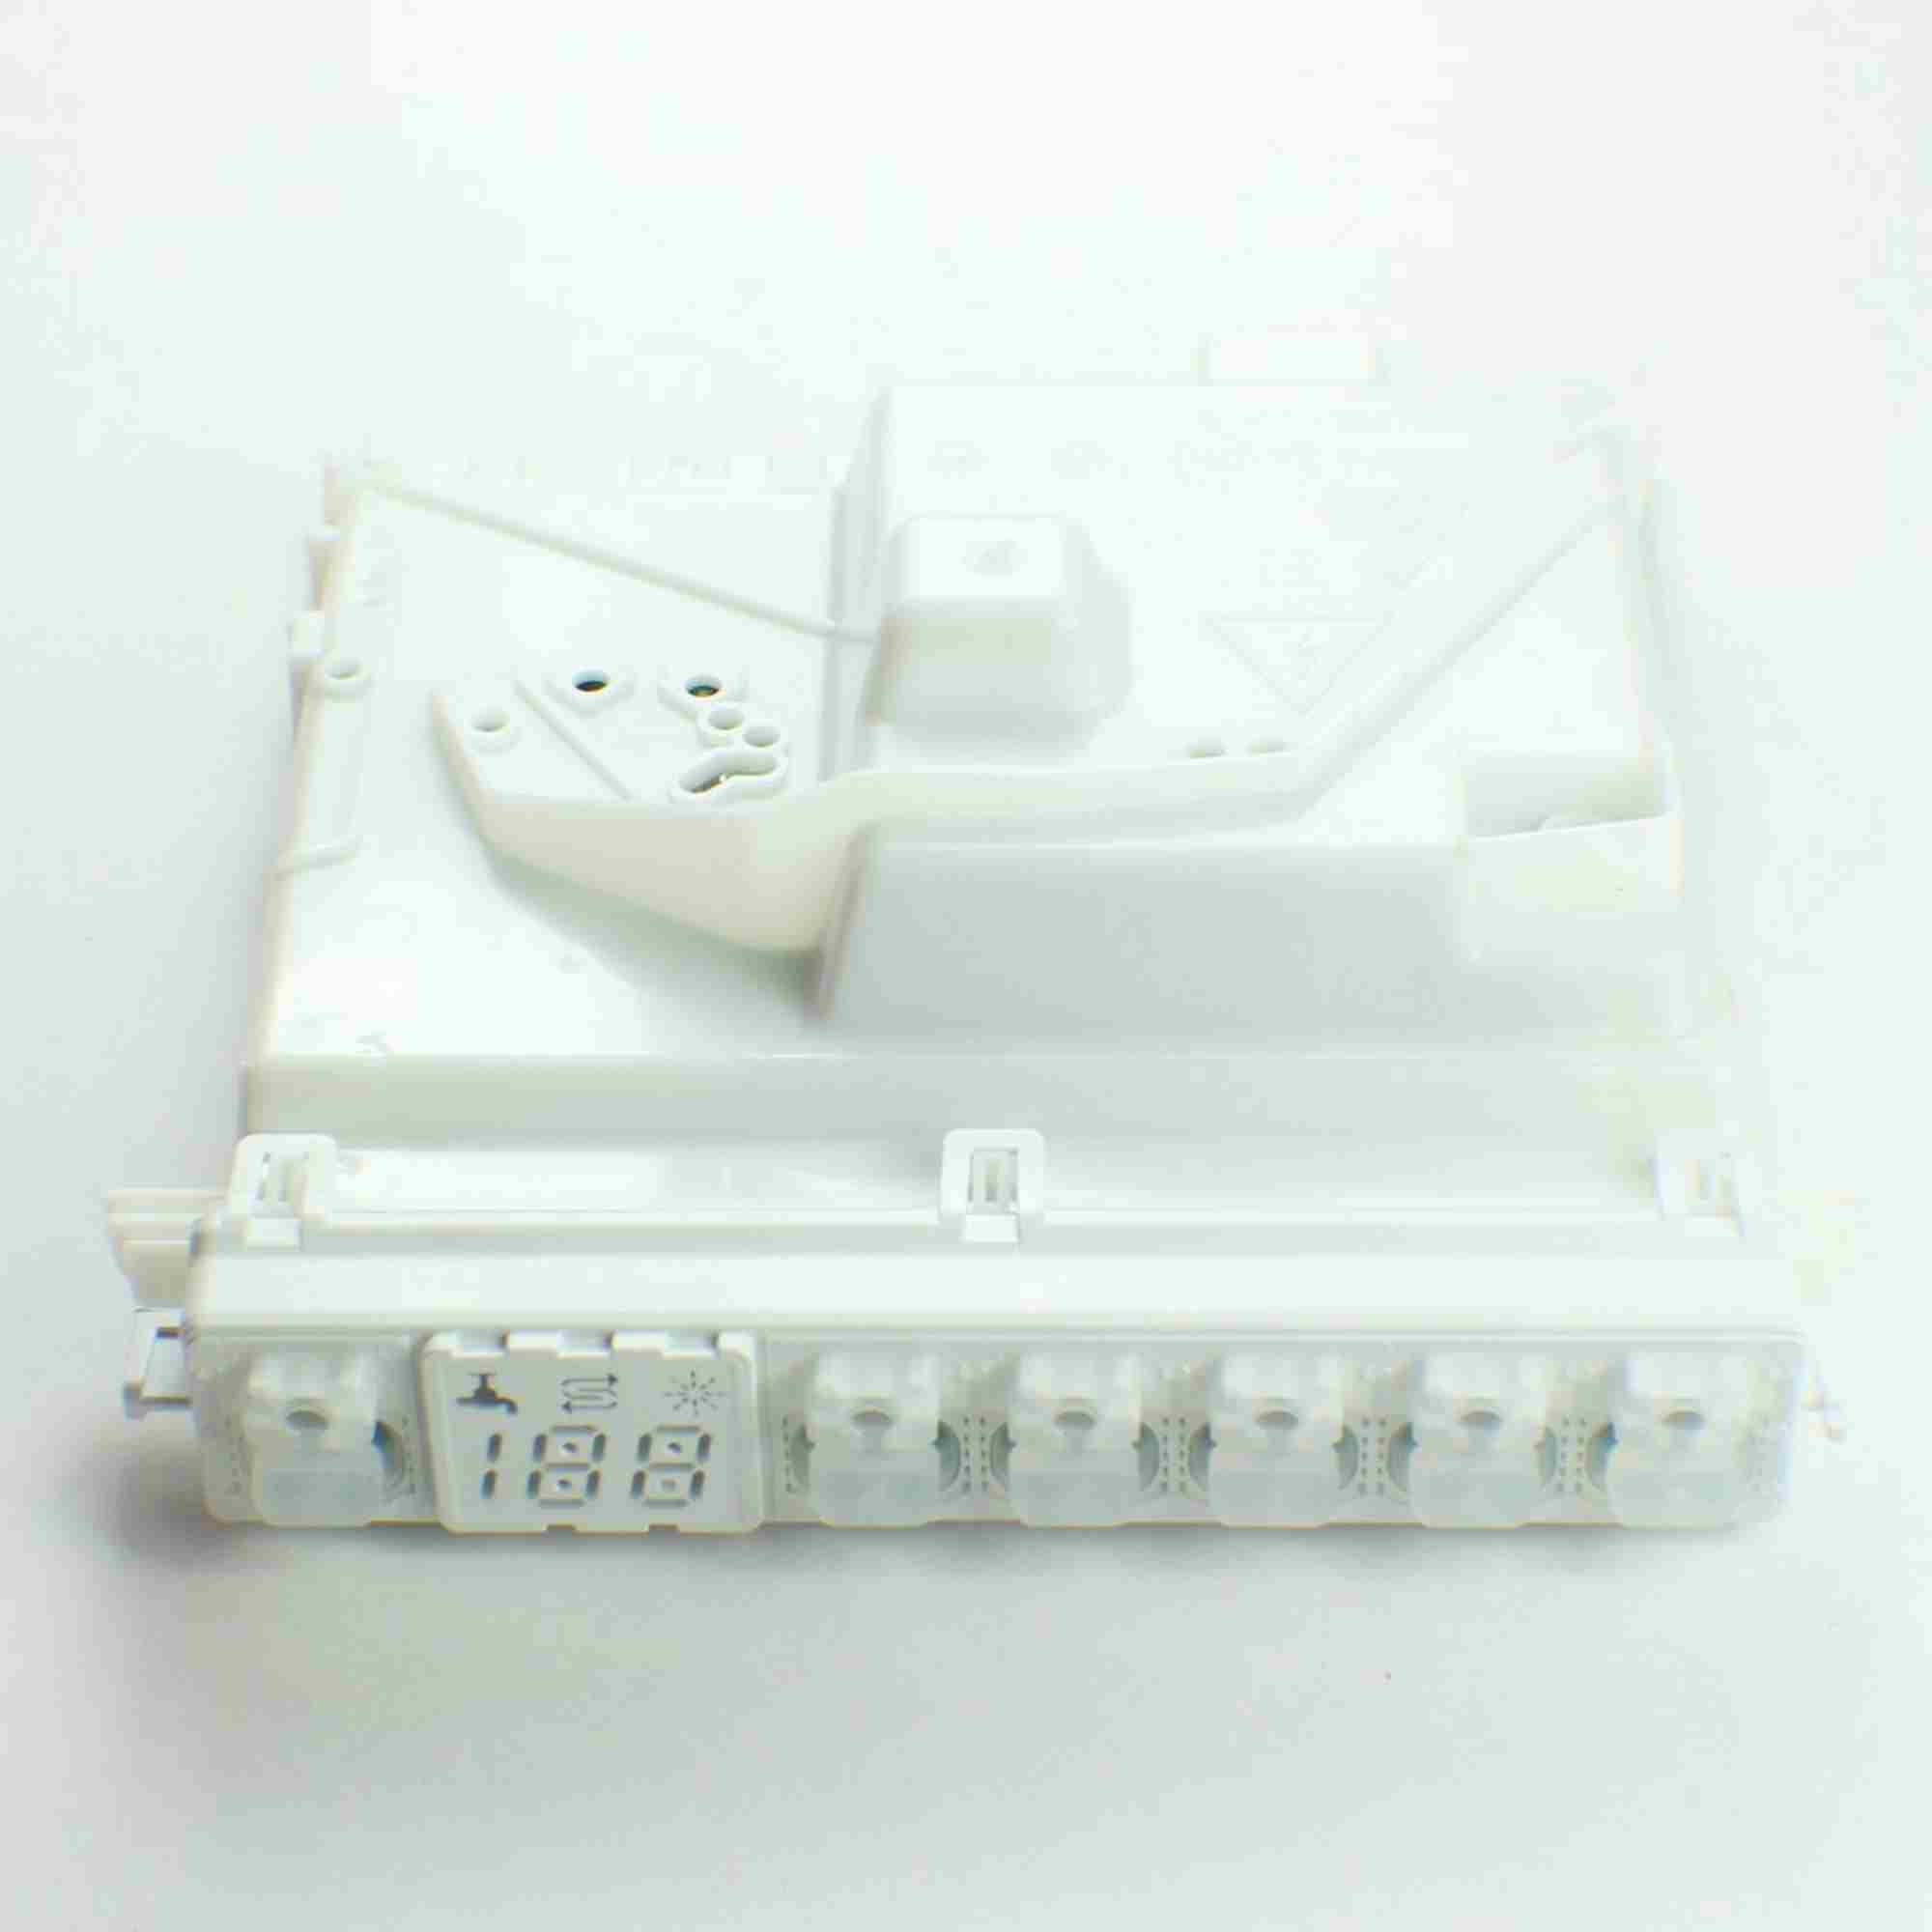 00705665 For Bosch Dishwasher Control Board by Bosch